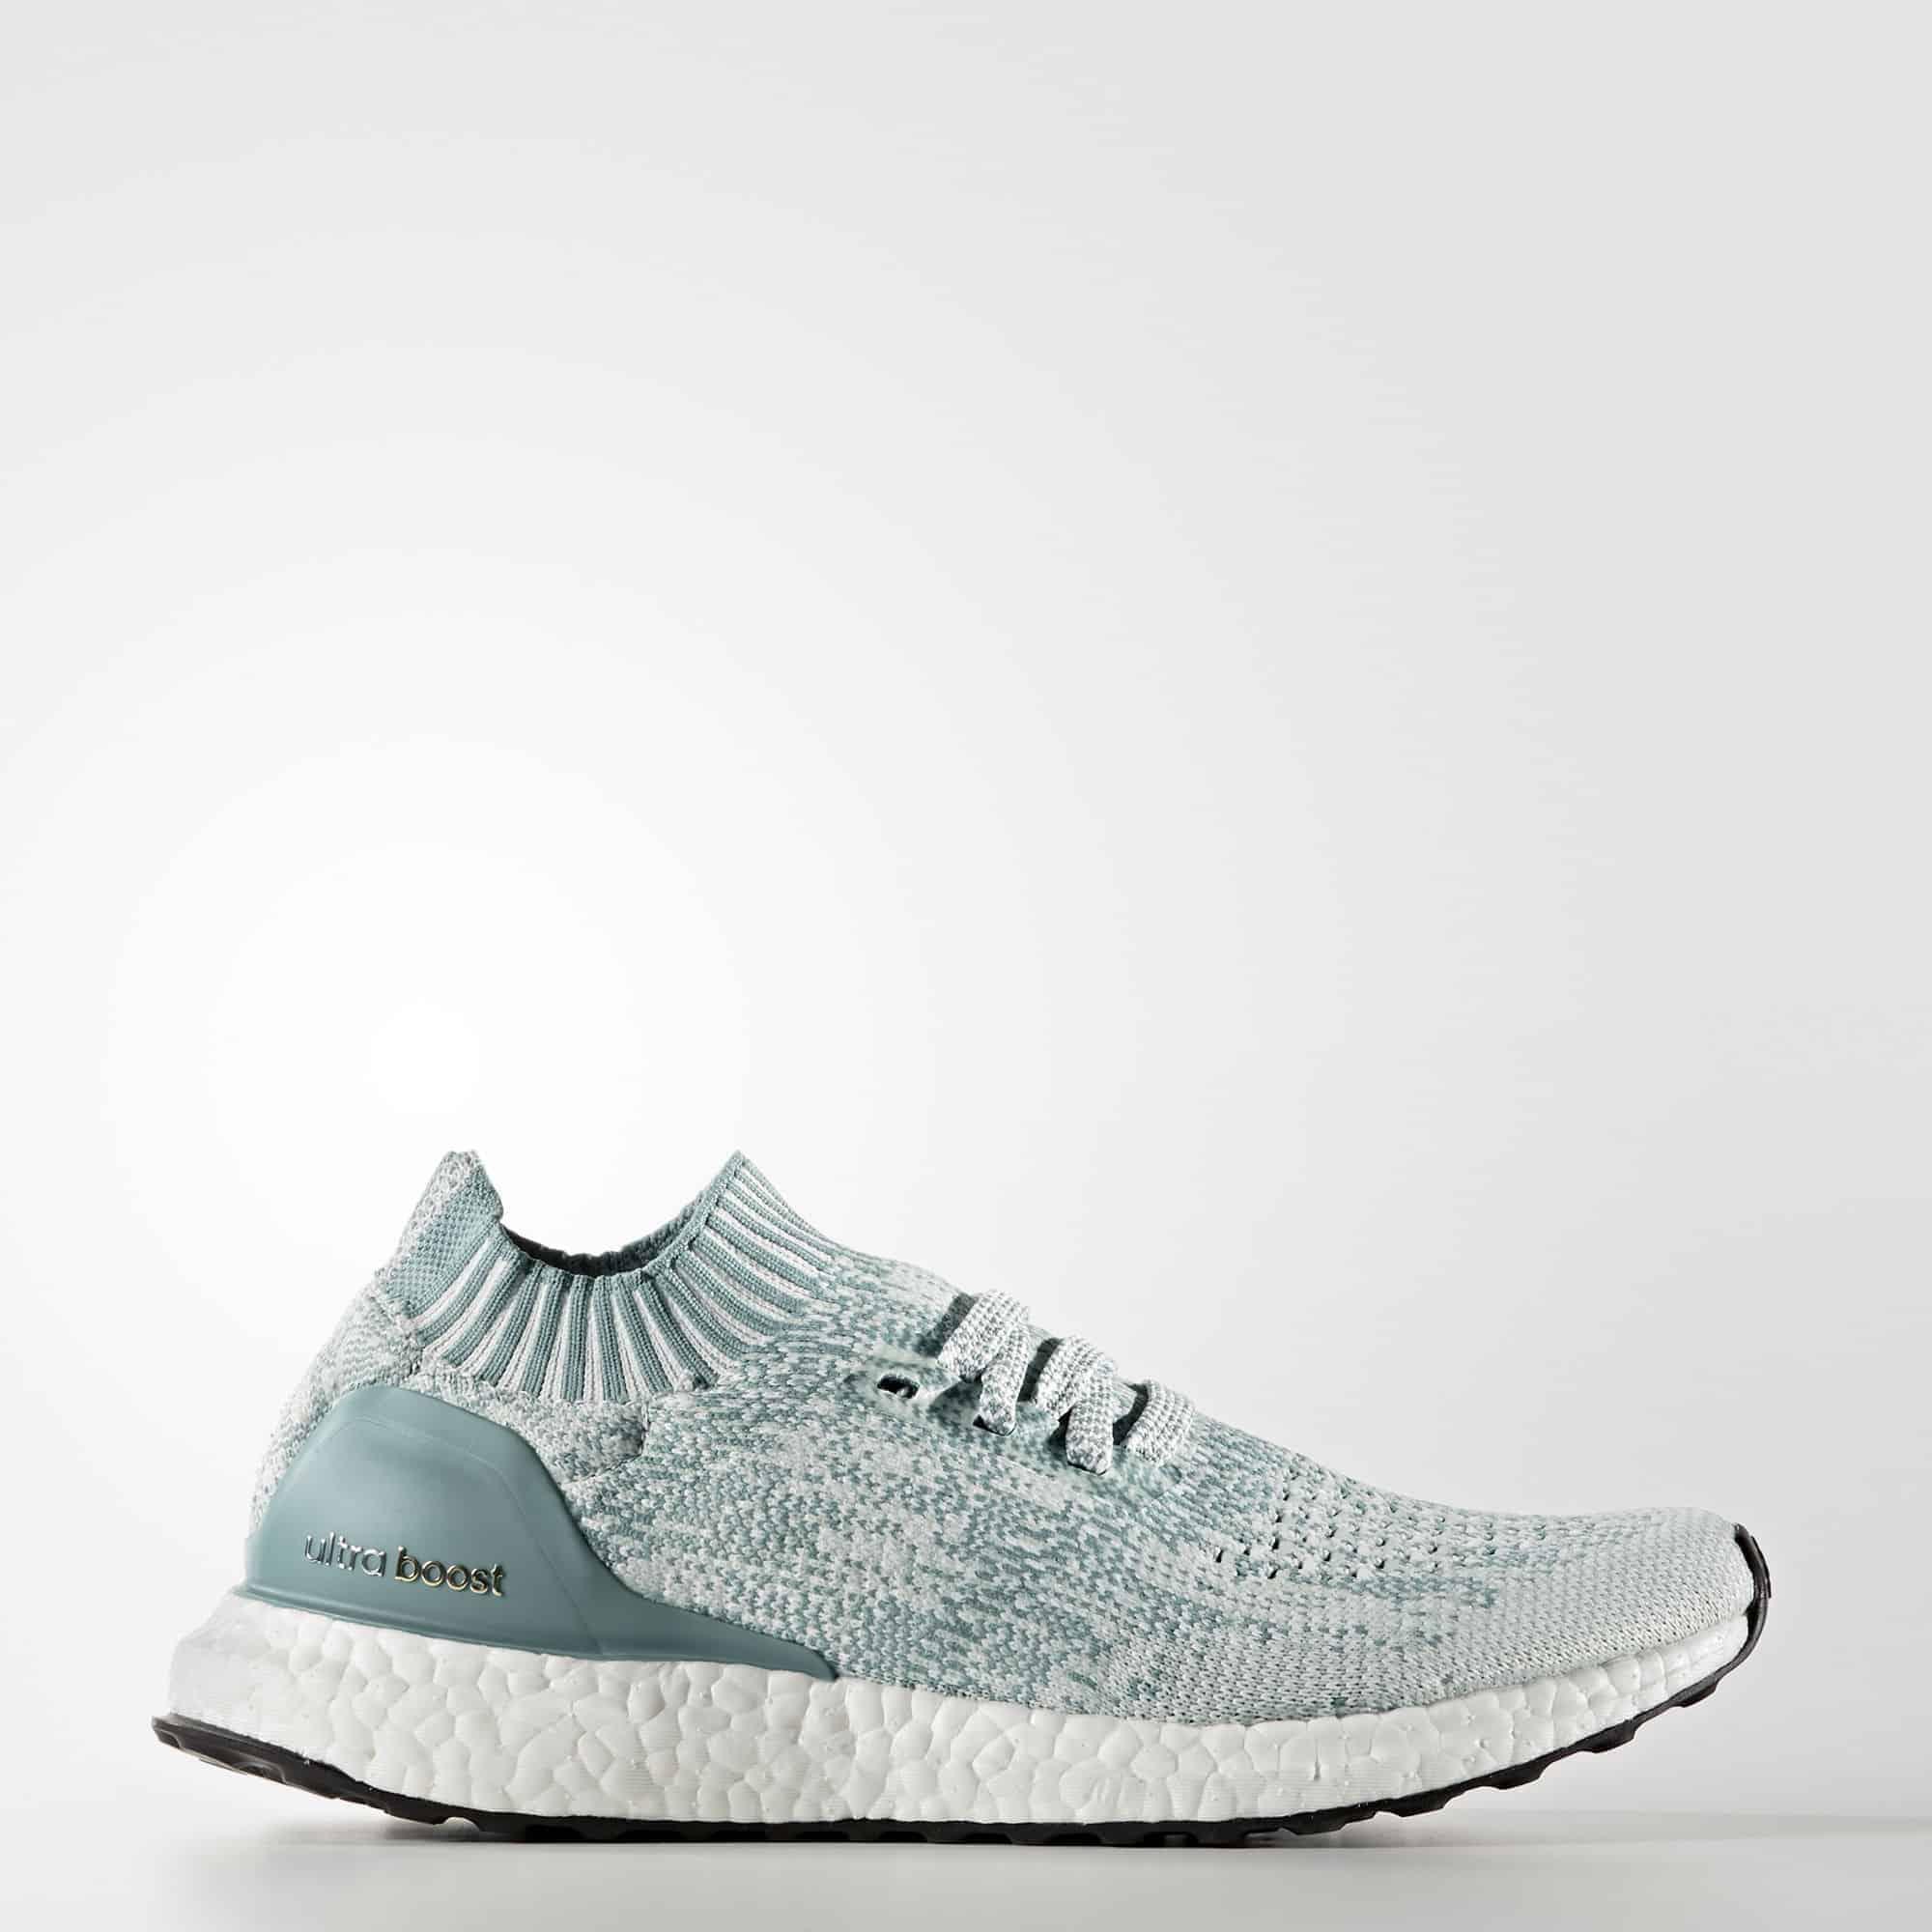 Кроссовки для бега Adidas Ultra Boost Uncaged женские